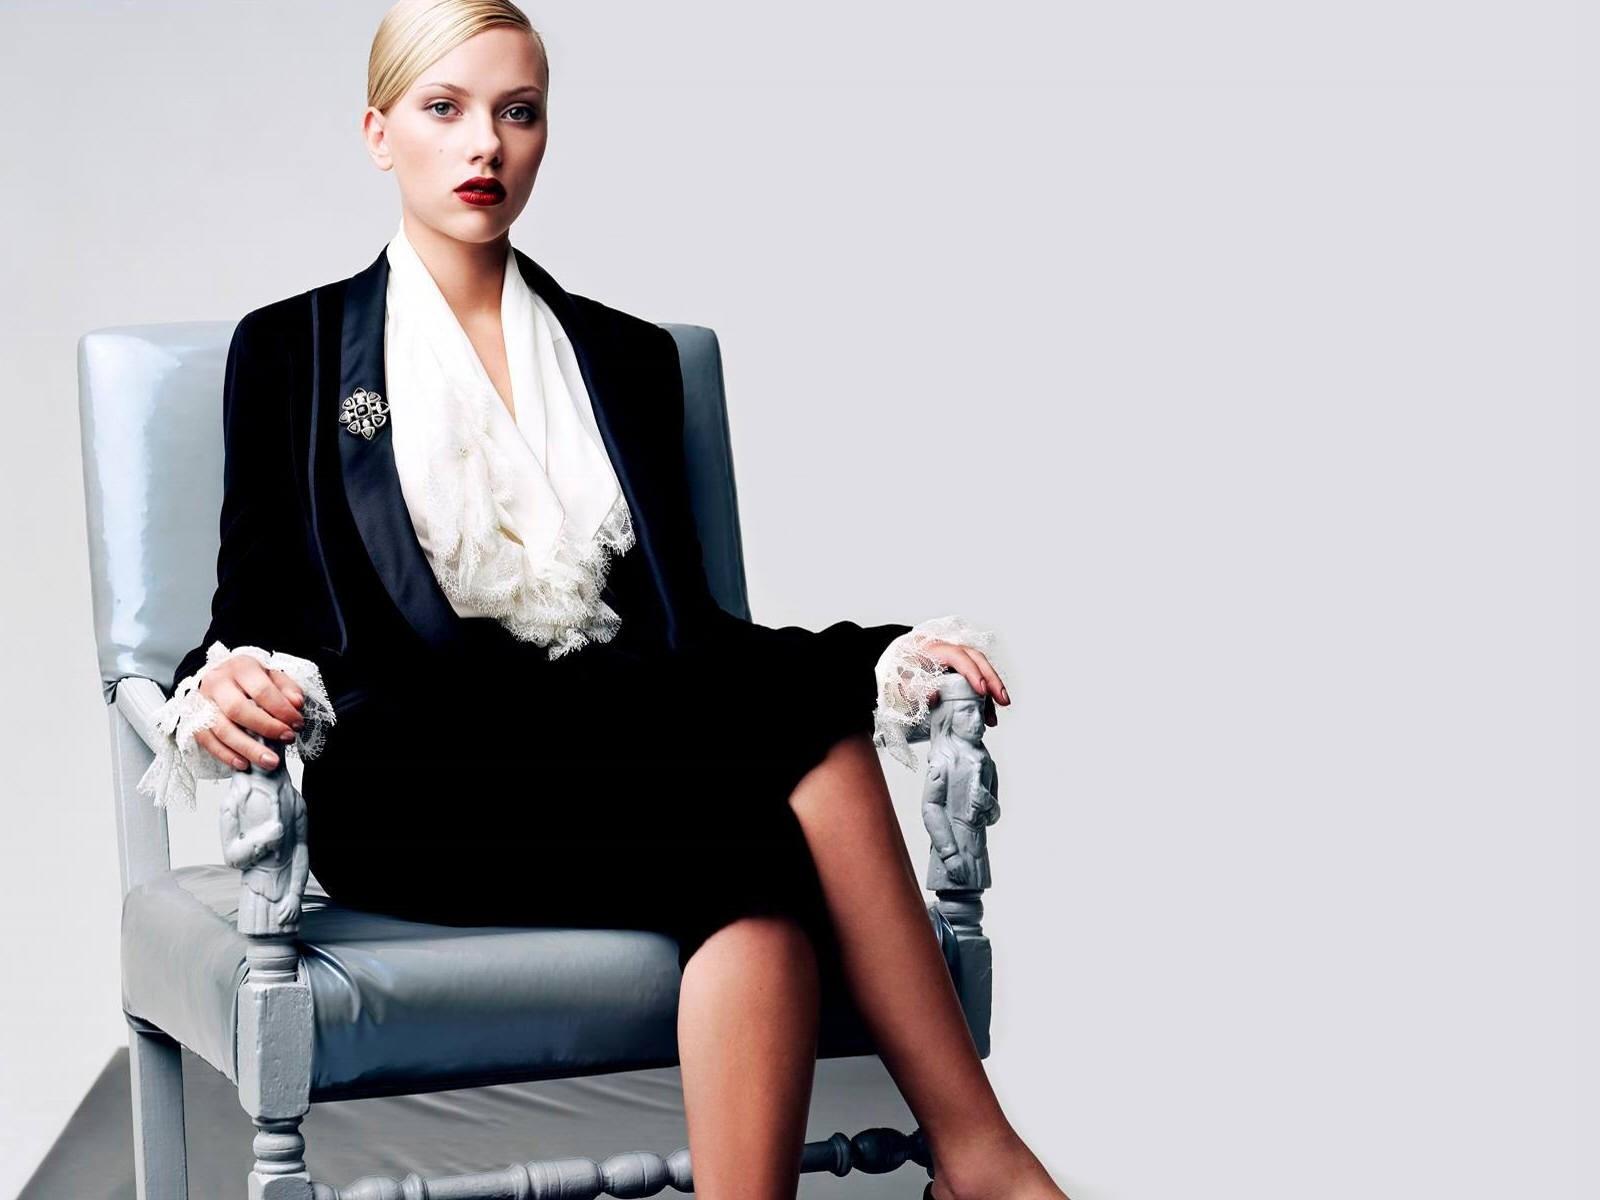 Wallpaper per il desktop di Scarlett Johansson